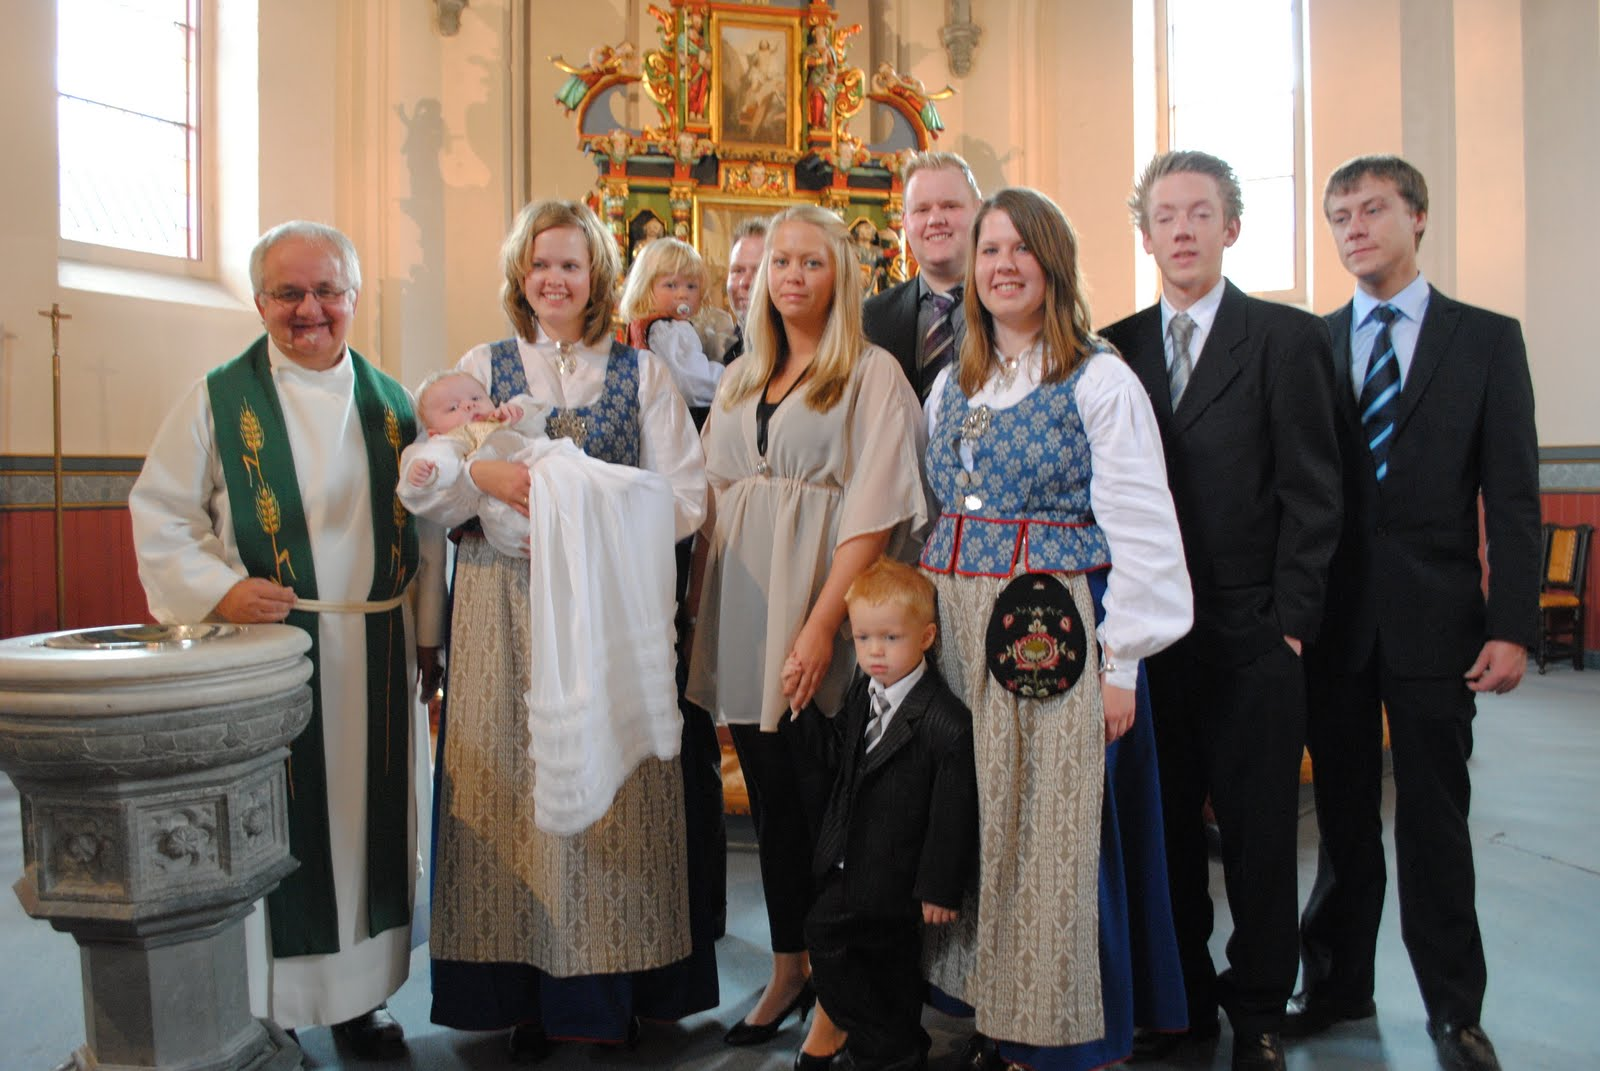 kjole etter dåpen